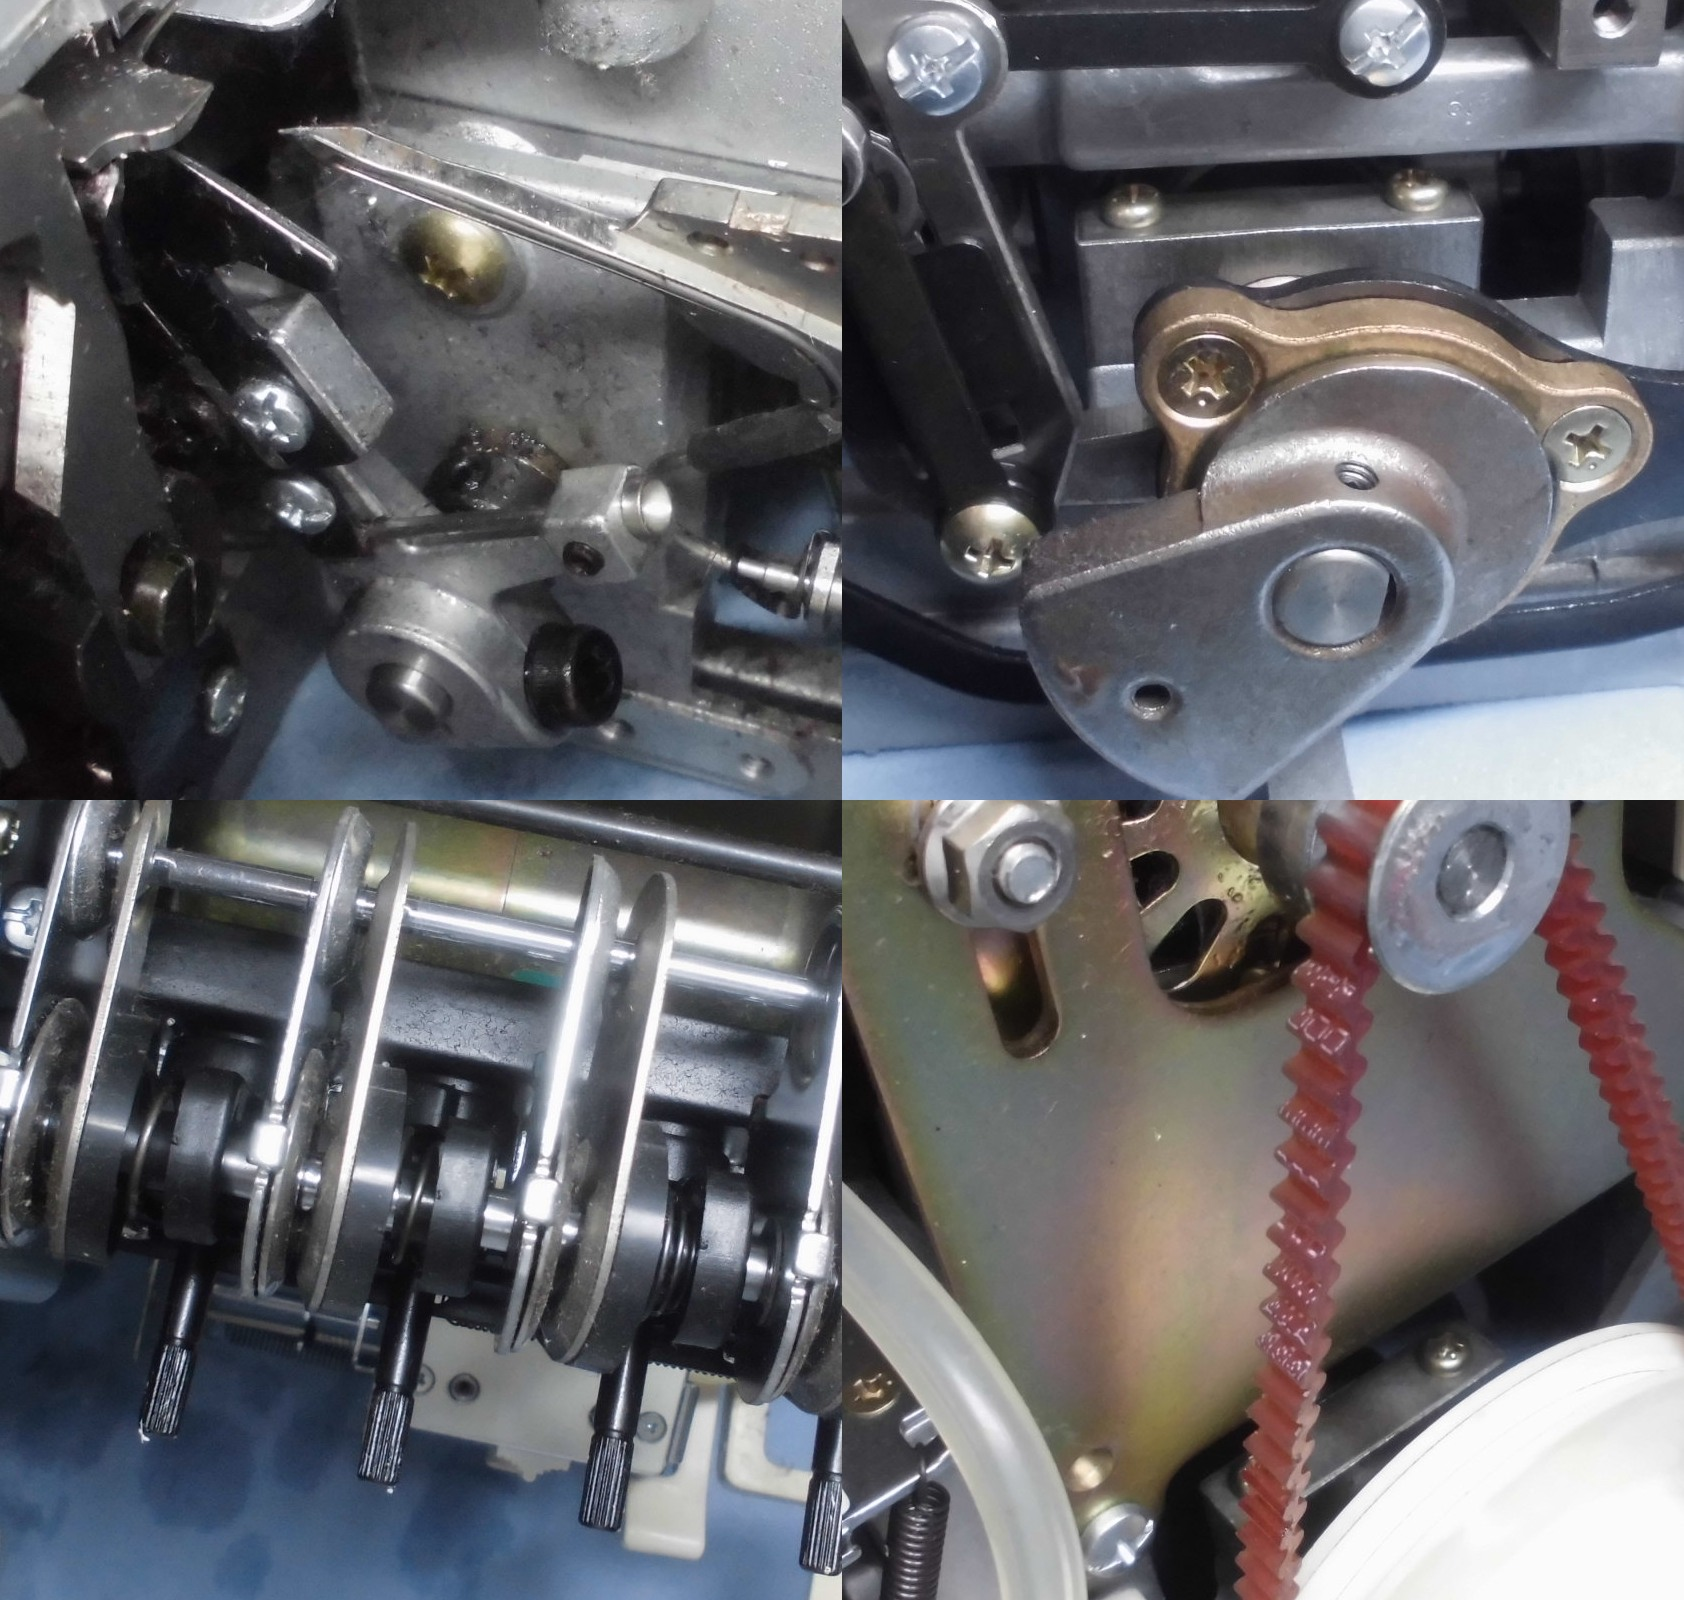 衣縫人5900BUNKAの故障や不具合|糸調子不良、動かないなどミシンの固着